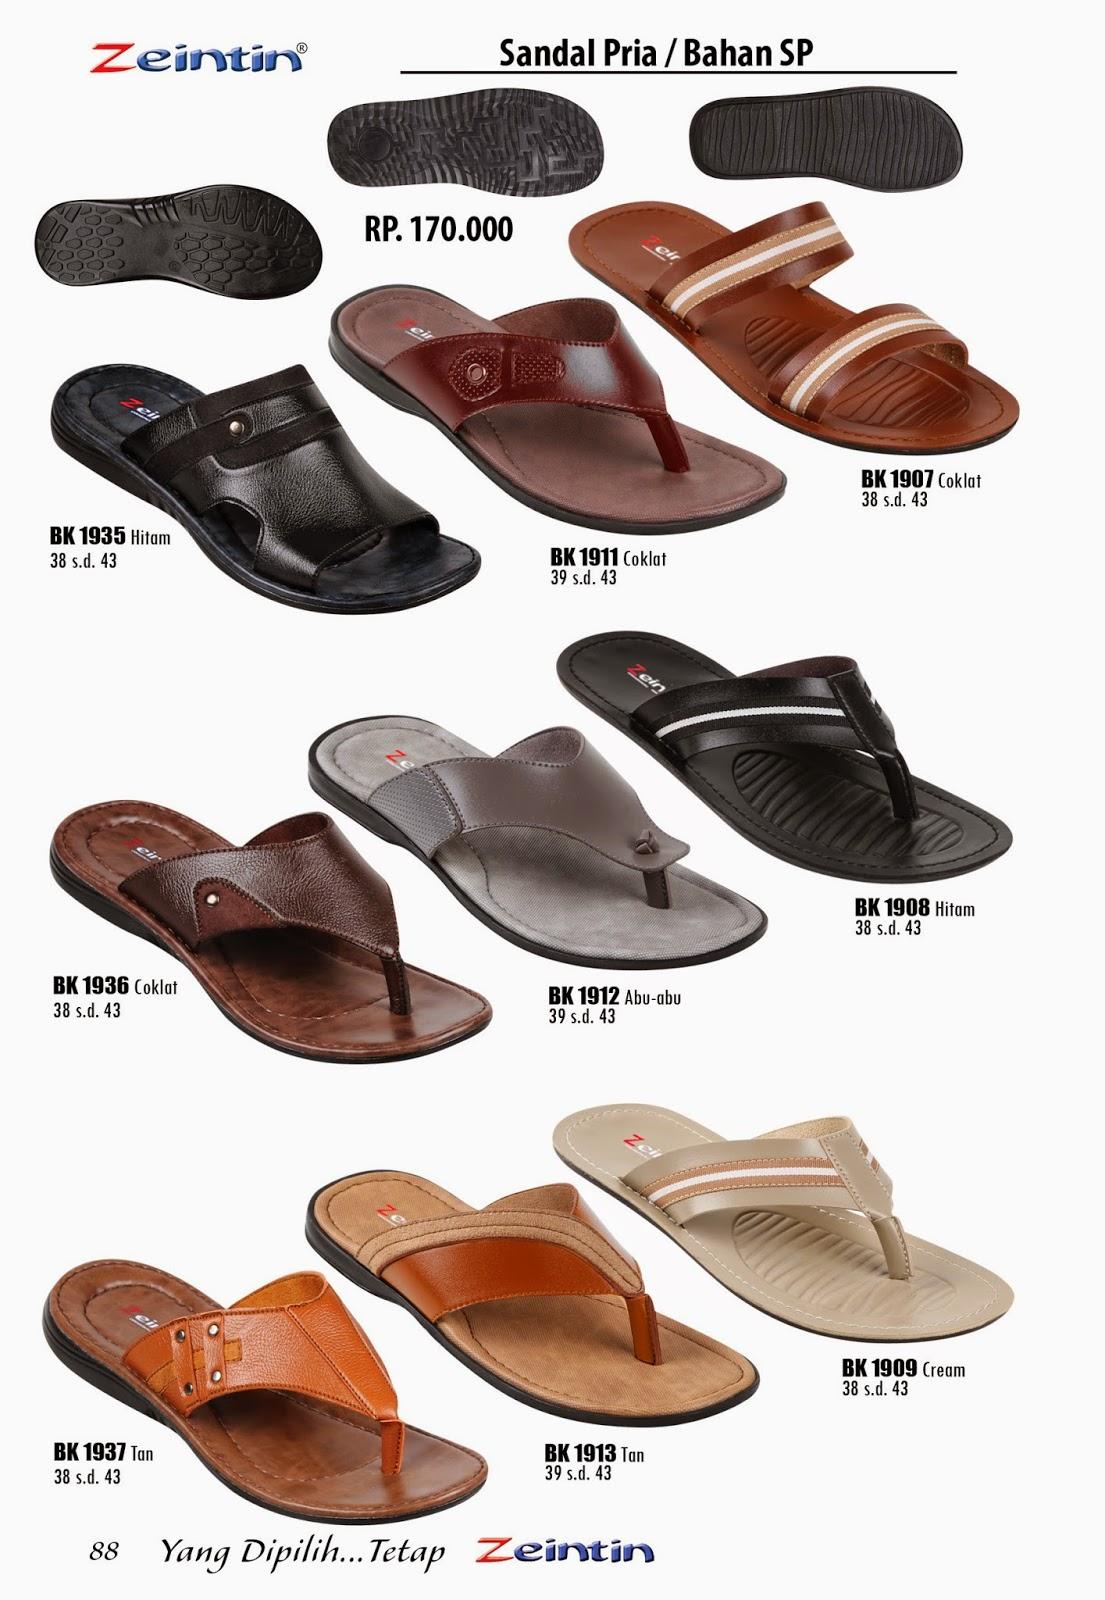 Sandal Pria Zeintin Katalog Edisi Brilian 11